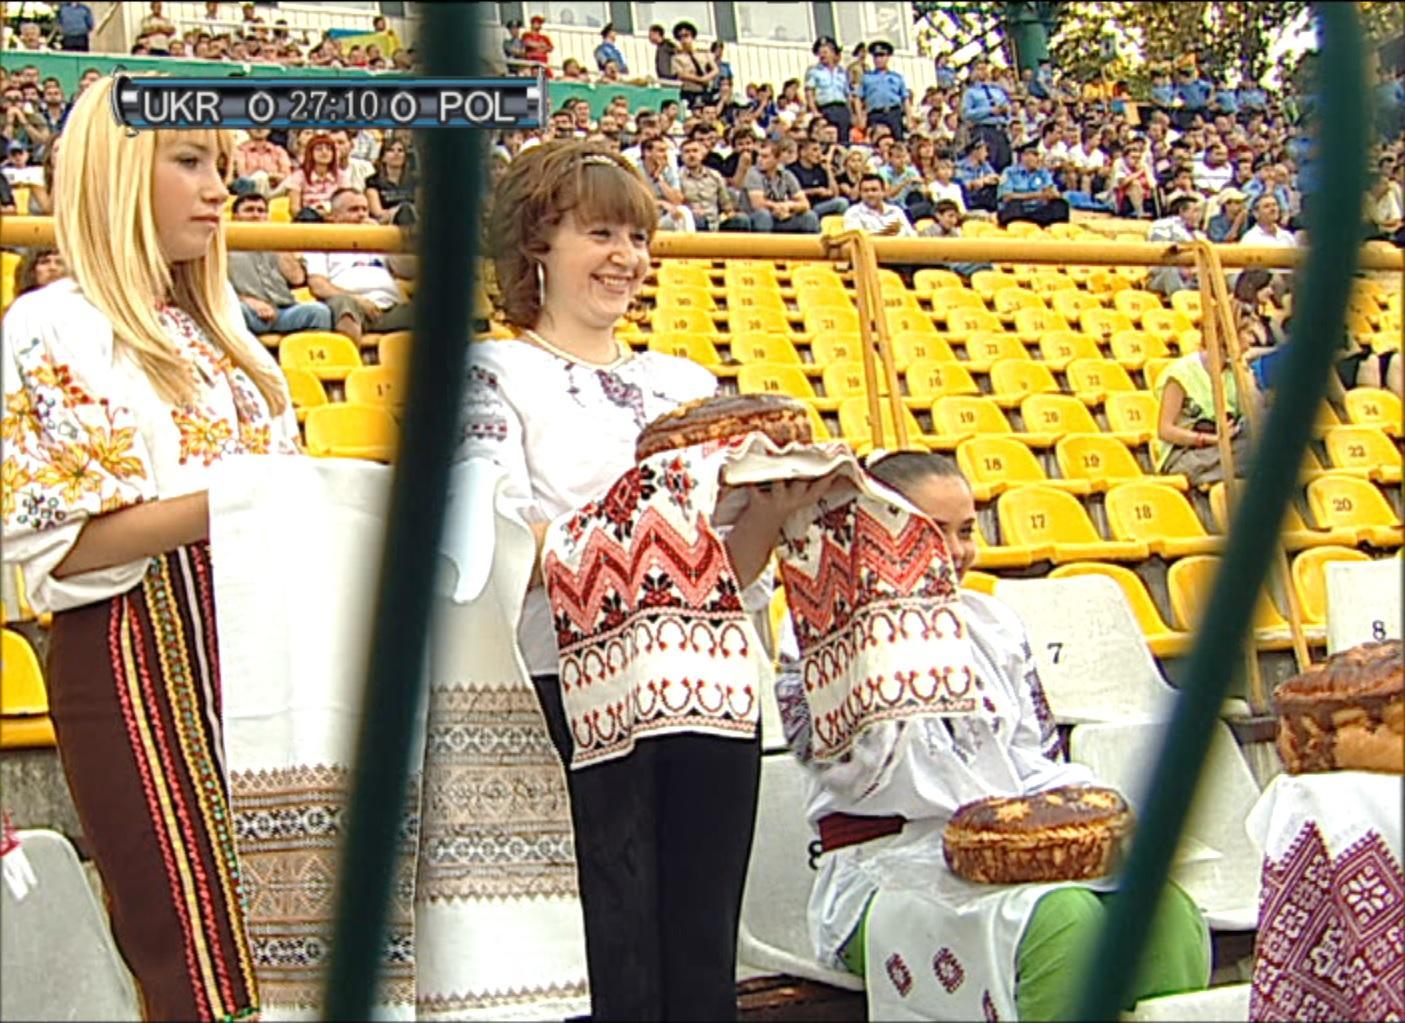 Ukraińskie panie witają Polaków na trybunach chlebem i solą. Mecz Ukraina - Polska (1:0) we Lwowie 20.08.2008.